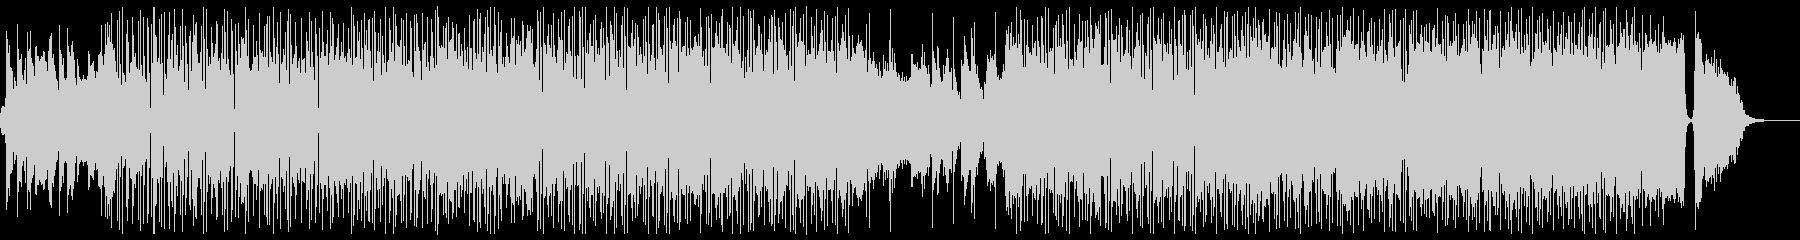 カフェミュージック:サックス Mix-Aの未再生の波形